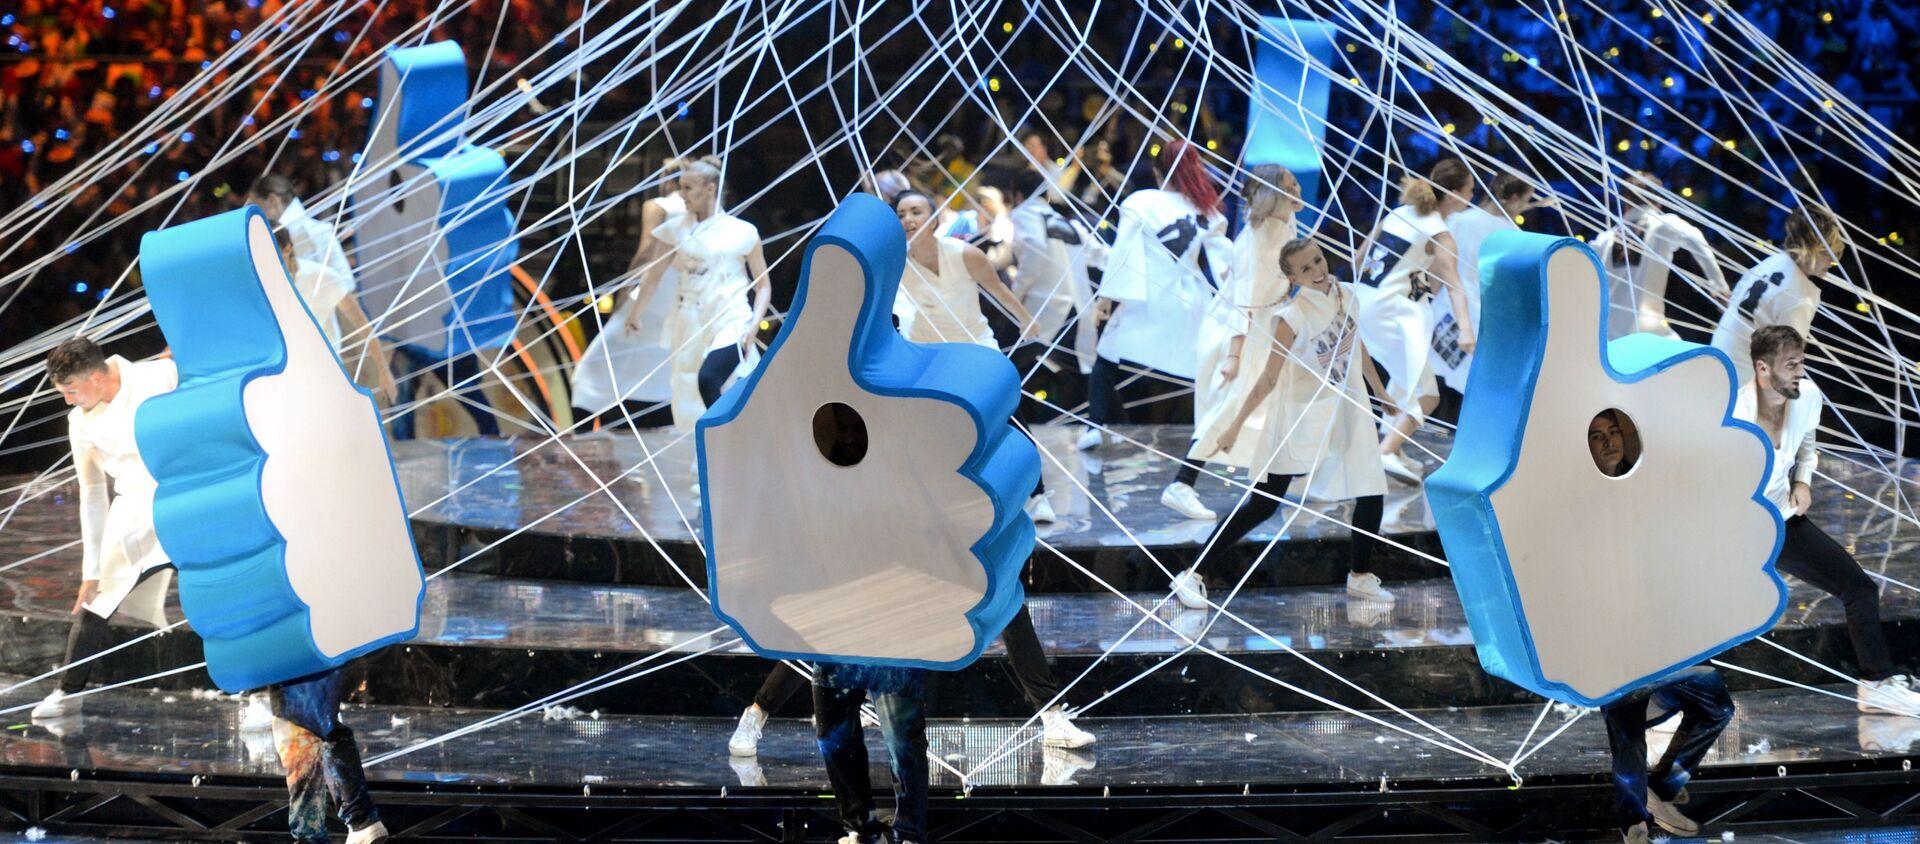 Театрализованное представление на церемонии открытия XIX Всемирного фестиваля молодежи и студентов (ВФМС) в Ледовом дворце Большой в Сочи - Sputnik Аҧсны, 1920, 20.09.2020